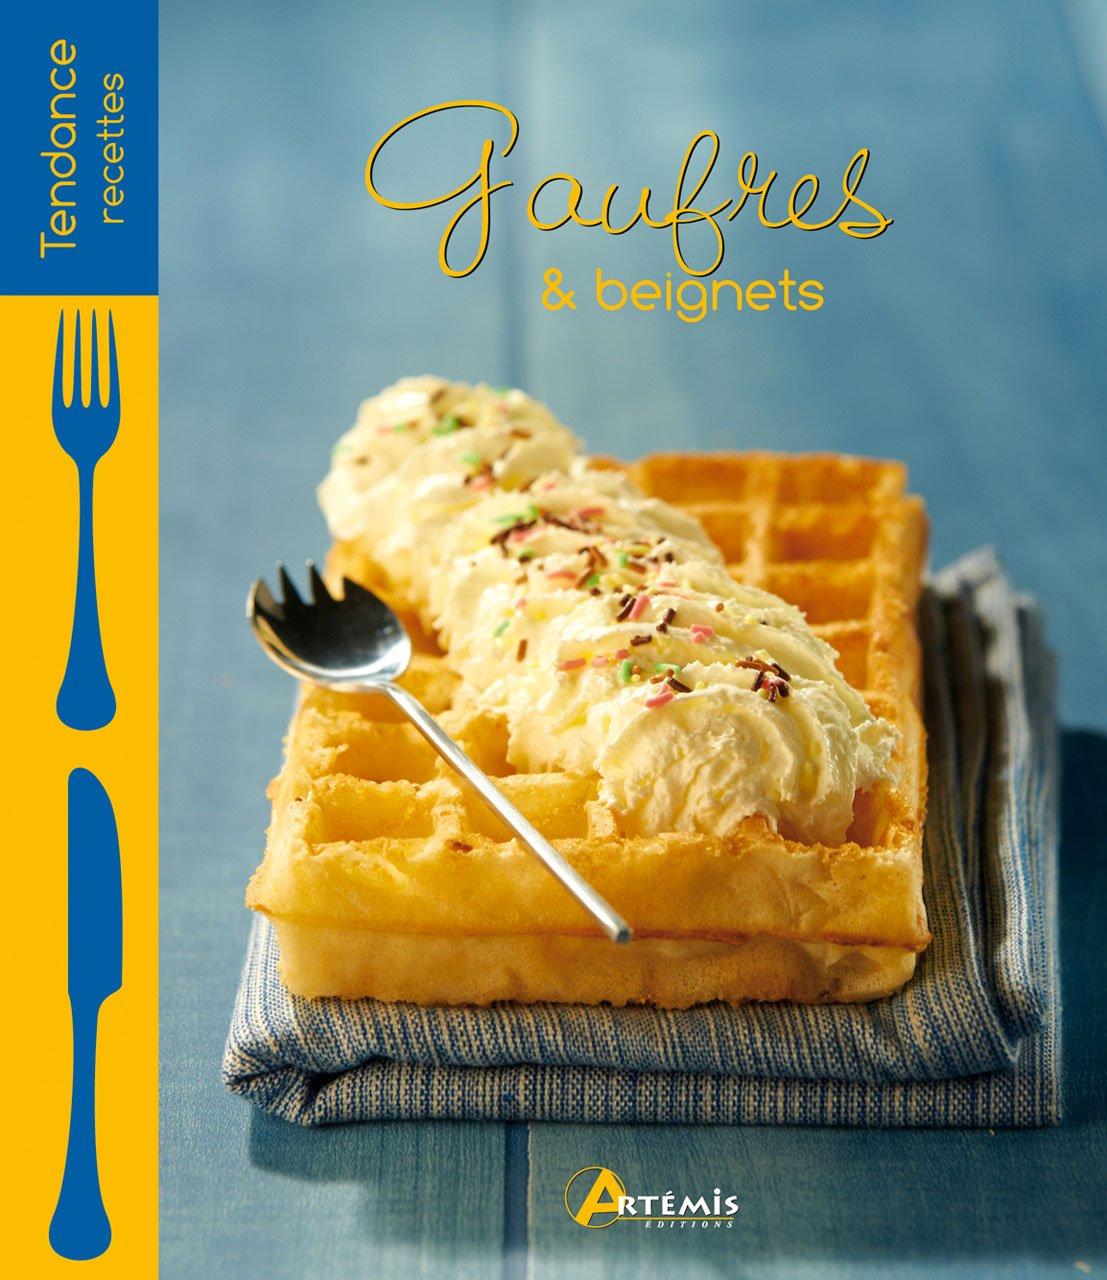 Tendances recettes : Gaufres et beignets